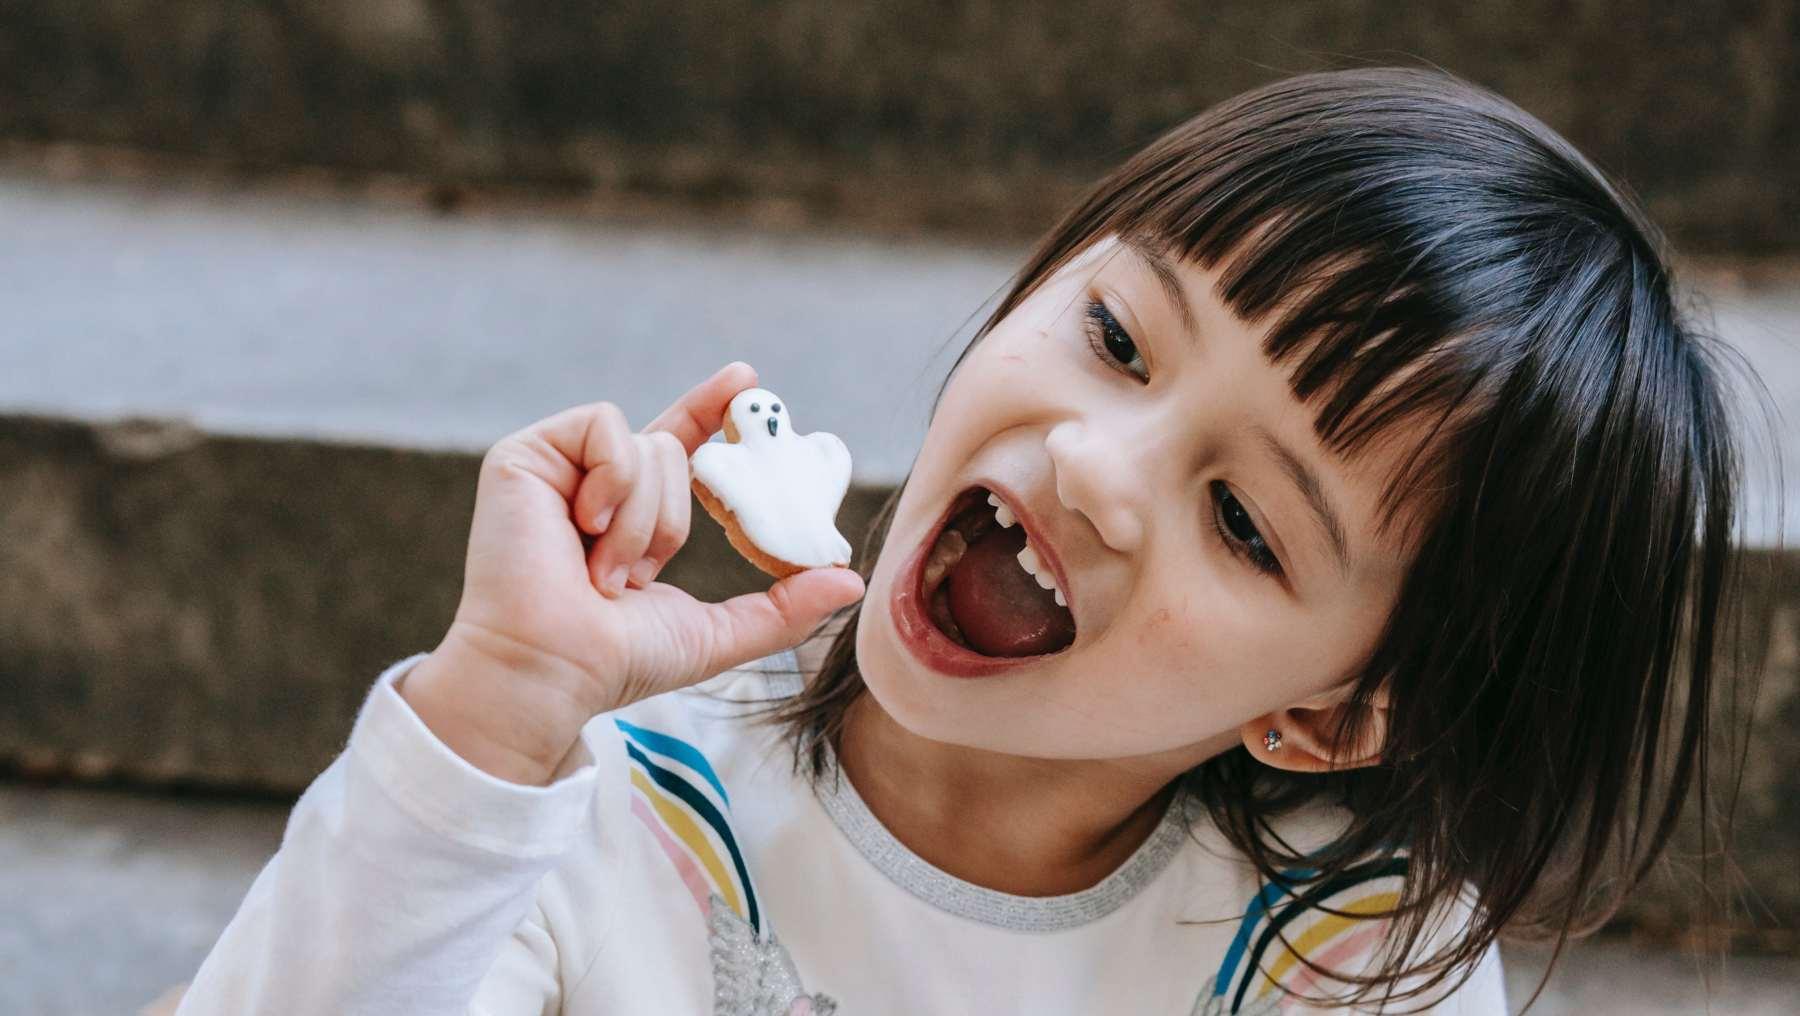 El azúcar hace hiperactivos a los niños